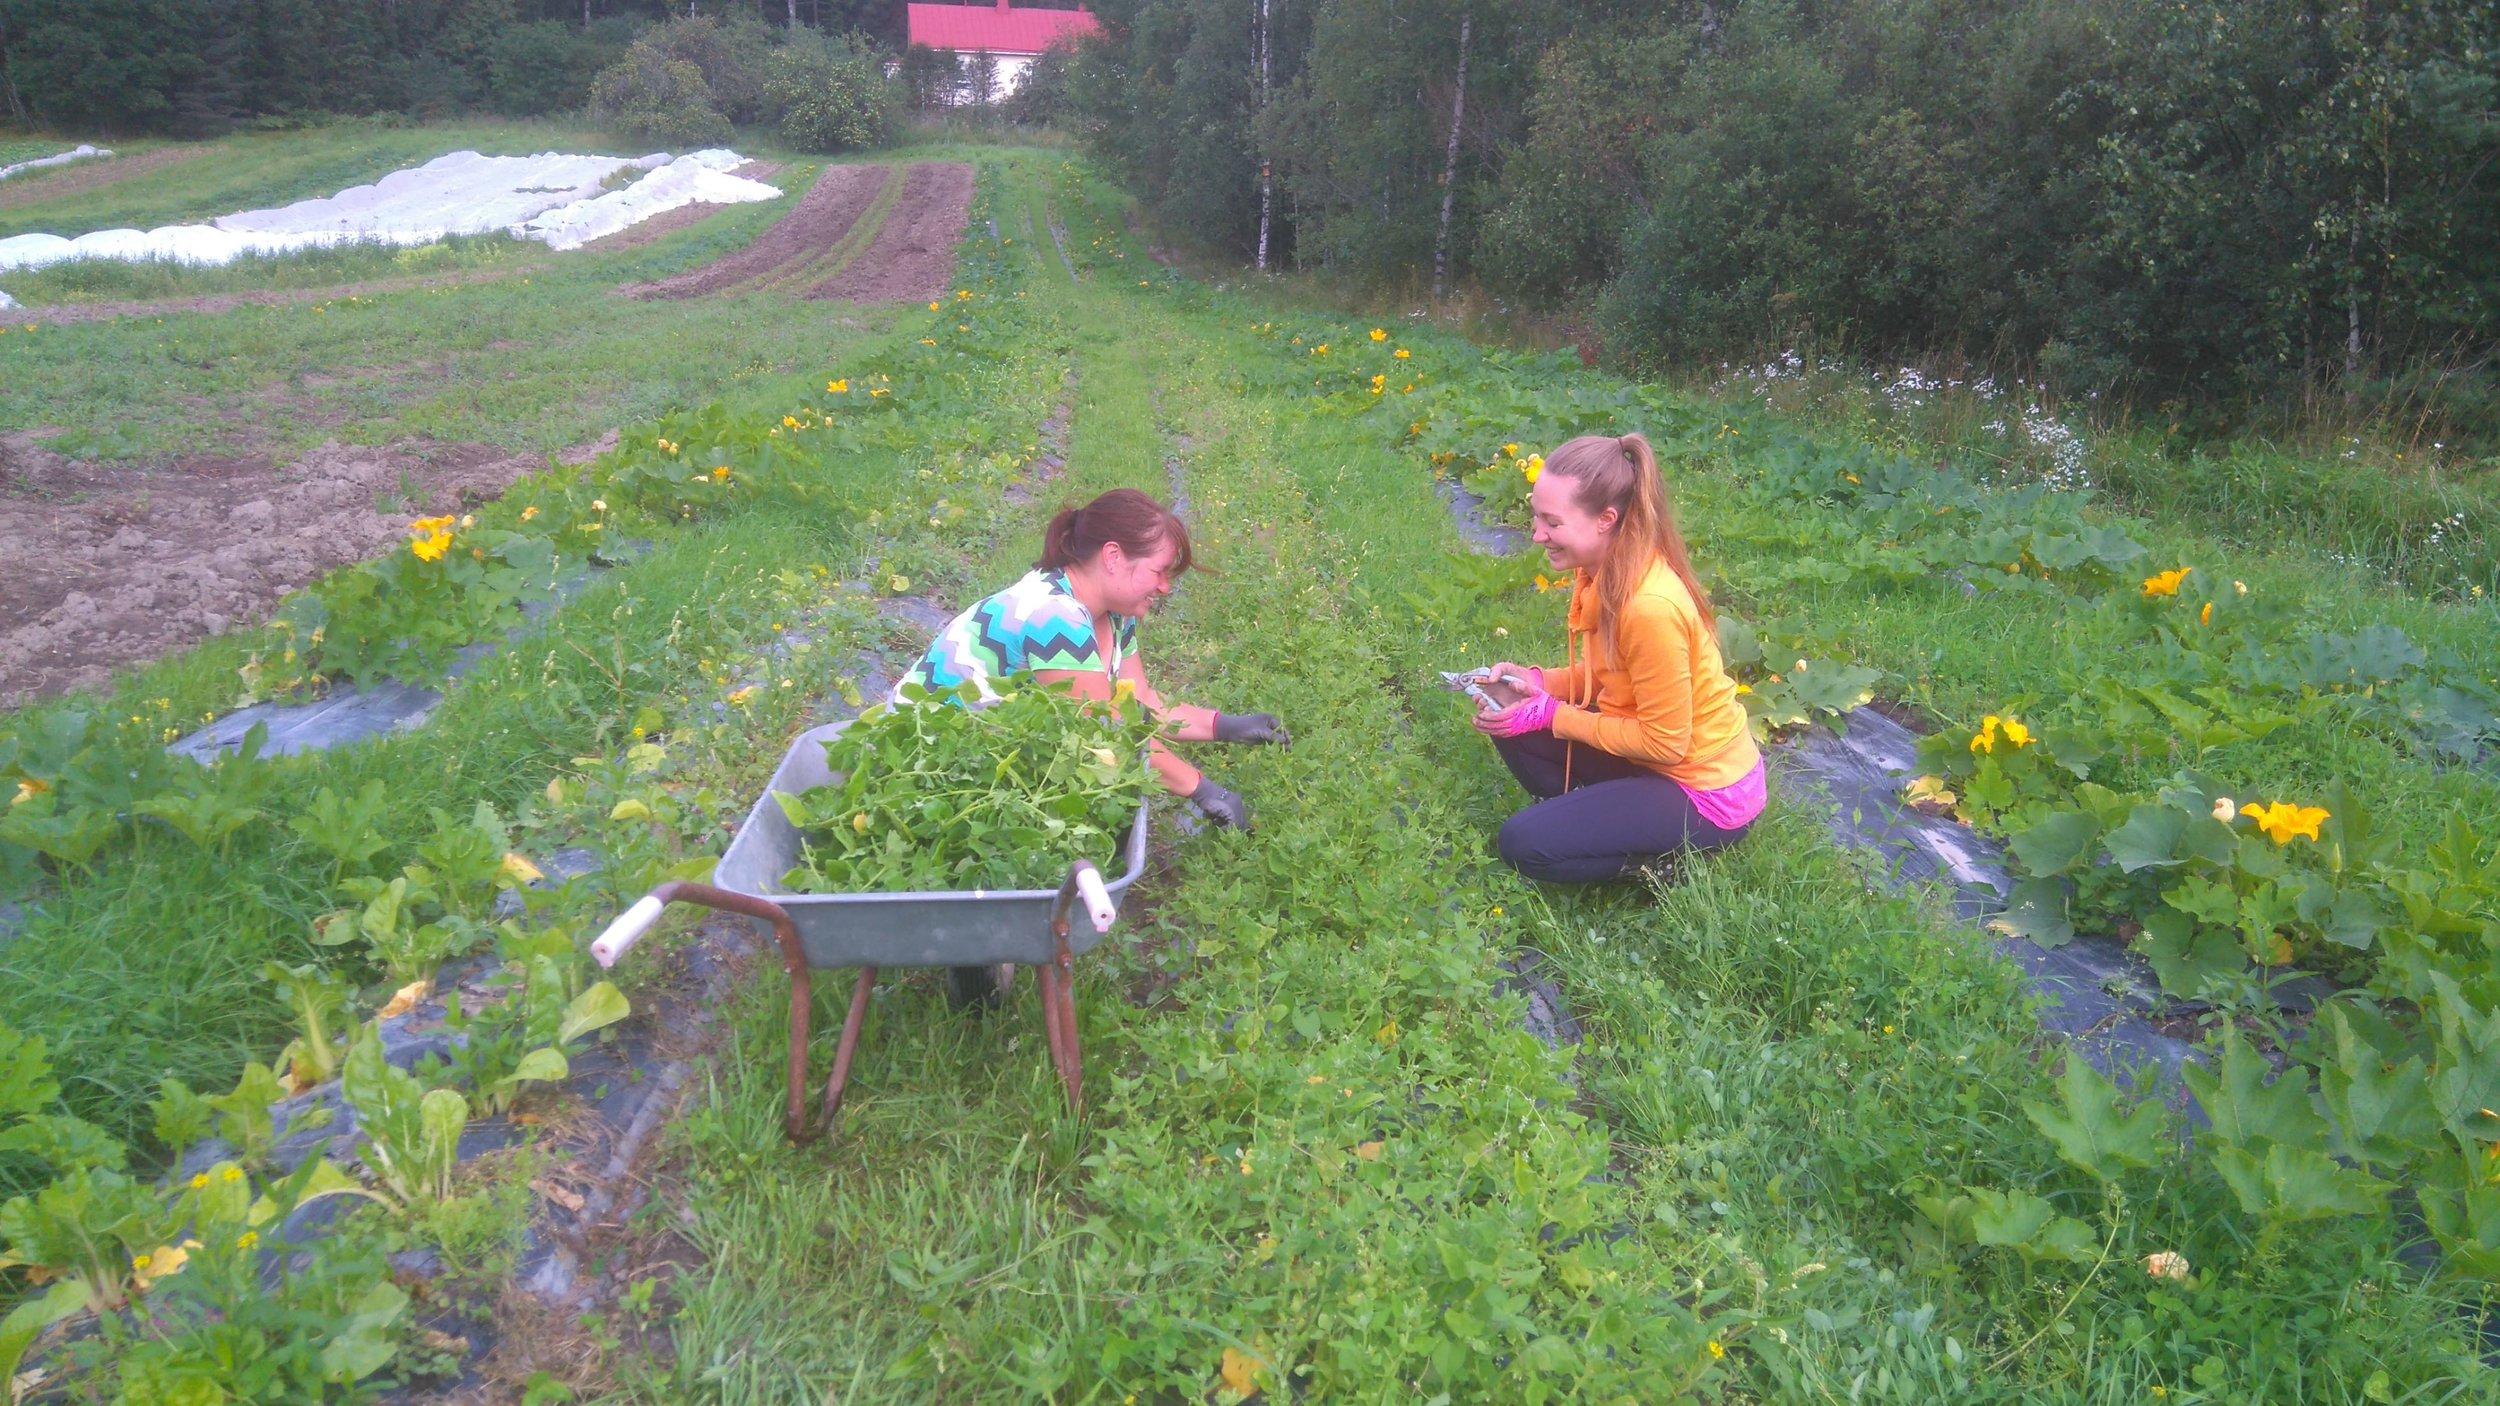 Harjoittelijamme Eriikka & Minna sadonkorjaavat lamopinaattia